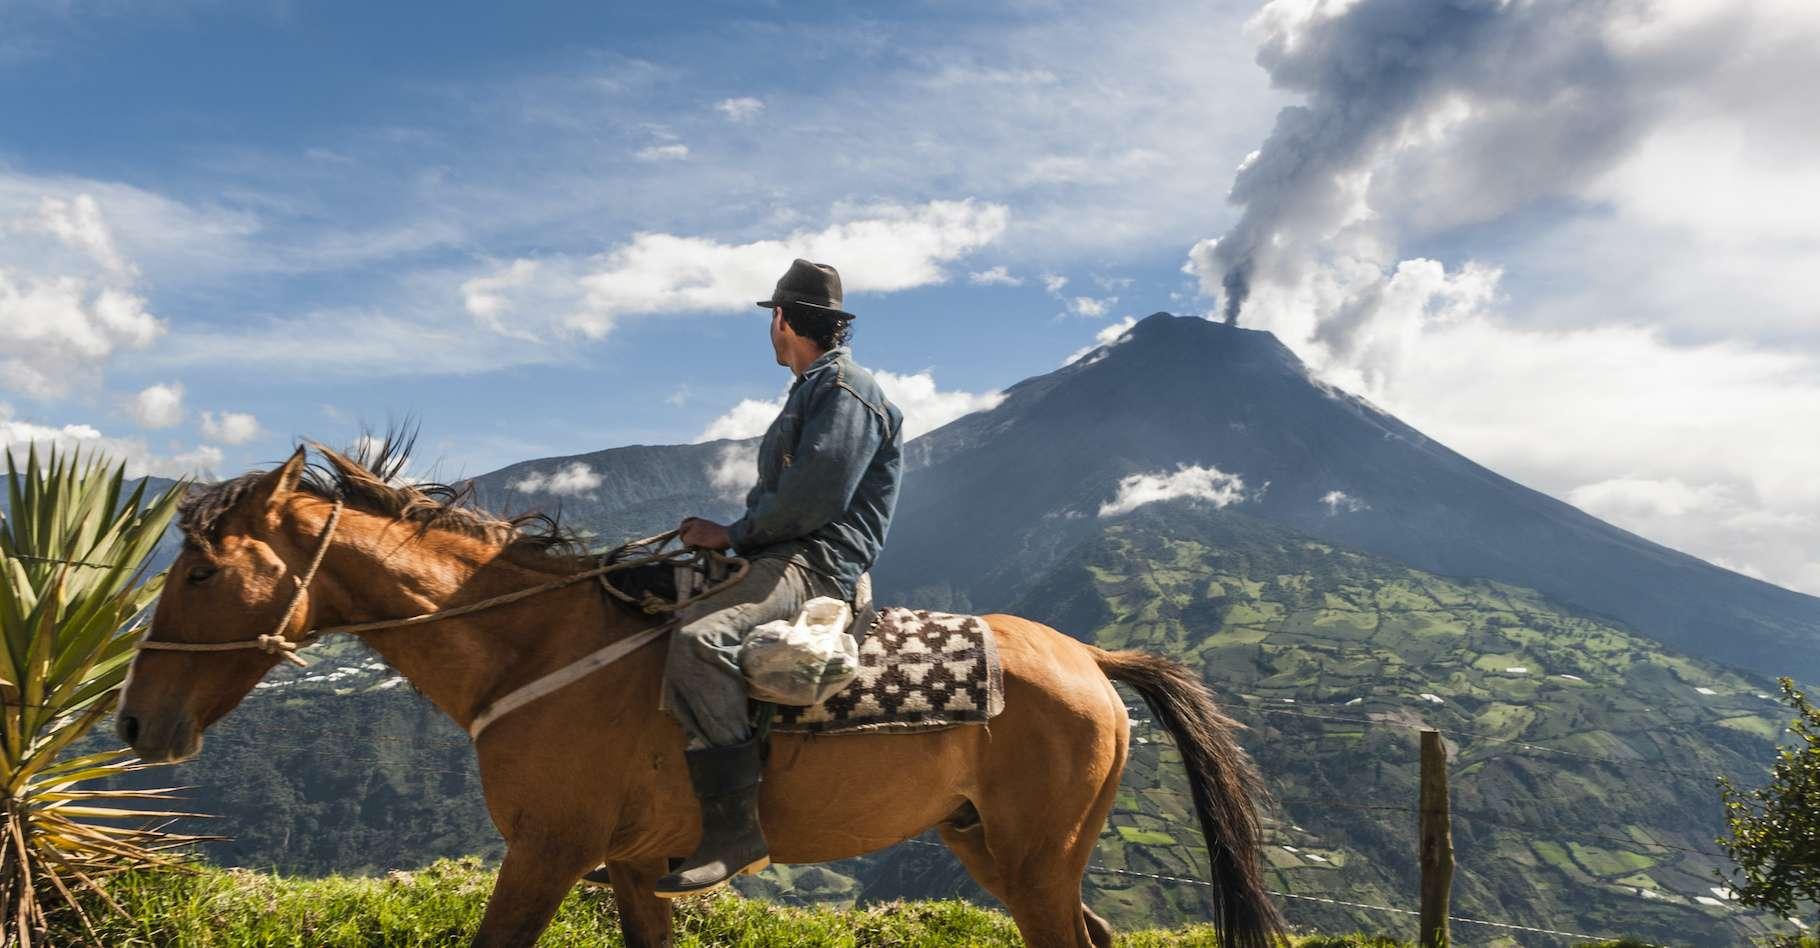 Le volcan Tungurahua s'est effondré il y a 3.000 ans. Selon des chercheurs de l'université d'Exeter (Royaume-Uni), cela pourrait se reproduire prochainement. © Kseniya Ragozina, Adobe Stock